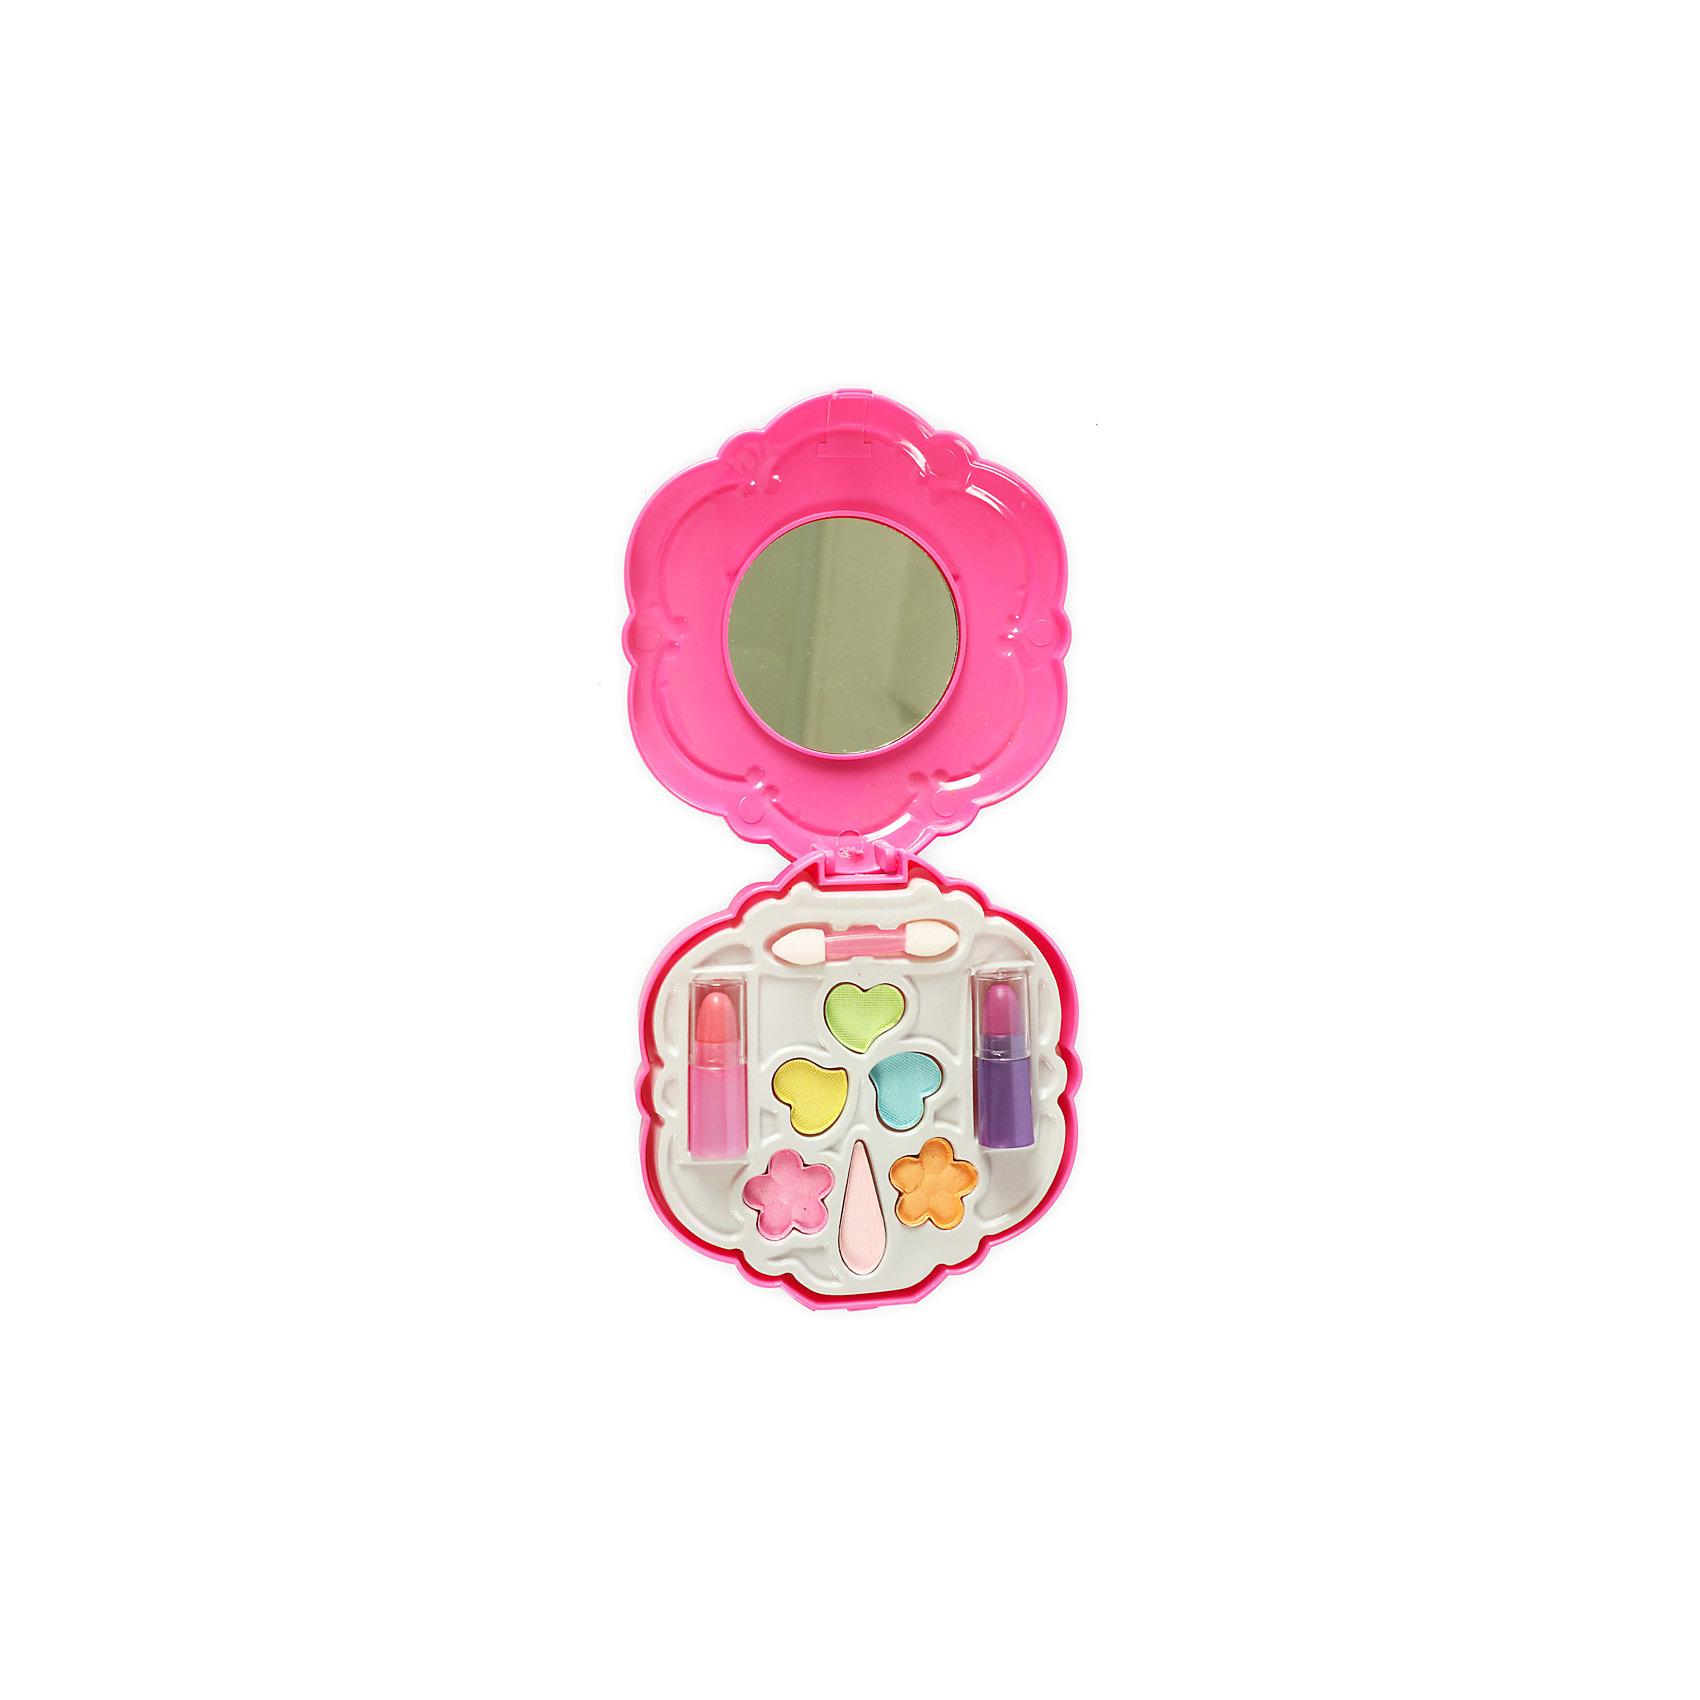 Игровой косметический набор Ракушка, Beauty AngelКосметика, грим и парфюмерия<br>Характеристики:<br><br>• Вид игрушек: детская косметика<br>• Пол: для девочки<br>• Материал: пластик, натуральные компоненты и красители<br>• Цвет: оттенки розового, голубой, желтый, зеленый, оранжевый и др.<br>• Комплектация: <br> тени для век – 8 тонов<br> губная помада – 2 тона<br> кисточка – 1 шт.<br>• Форма футляра: ракушка<br>• Размер упаковки (Д*Ш*В): 27,4*3*30 см<br>• Вес: 278 г<br>• Упаковка: картонная коробка с блистером<br><br>Игровой косметический набор Ракушка, Beauty Angel от всемирно известного торгового бренда Dileny, который занимается разработкой, дизайном и выпуском детской декоративной косметики с учетом модных и стильных тенденций мира моды. Линейка наборов Beauty Angel представляет собой косметические наборы в состав которых входят как матовые, так и перламутровые оттенки, аксессуары и инструменты для нанесения макияжа. <br><br>Декоративная косметика от Dileny легко наносится, ложится ровным слоем, не осыпается и легко смывается либо теплой водой, либо детским косметическим маслом. Косметика обладает повышенными гипоаллергенными свойствами и легким ароматом. Игровой косметический набор Ракушка, Beauty Angel состоит из 8 оттенков теней для век, 2 оттенков губной помады и кисточки. Футляр выполнен в форме ракушки, на крышке с внутренней стороны предусмотрено зеркальце.<br><br>Игровой косметический набор Ракушка, Beauty Angel станет идеальным подарком для девочки к любому празднику.<br><br>Игровой косметический набор Ракушка, Beauty Angel можно купить в нашем интернет-магазине.<br><br>Ширина мм: 182<br>Глубина мм: 33<br>Высота мм: 351<br>Вес г: 170<br>Возраст от месяцев: 60<br>Возраст до месяцев: 120<br>Пол: Женский<br>Возраст: Детский<br>SKU: 5418951